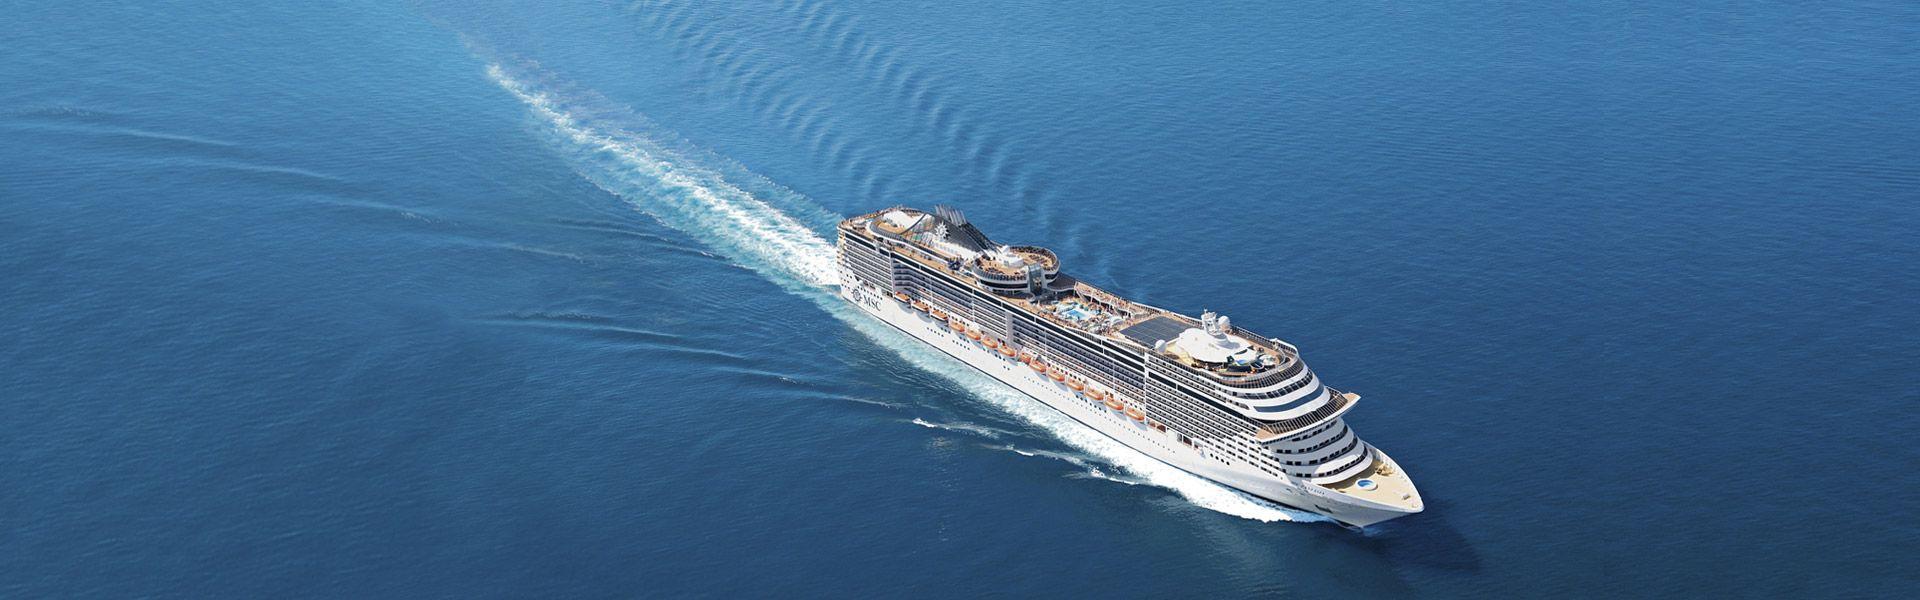 Croaziera 2016 - Emiratele Arabe Unite (Dubai) - MSC Cruises - MSC Fantasia - 7 nopti - ZBOR INCLUS